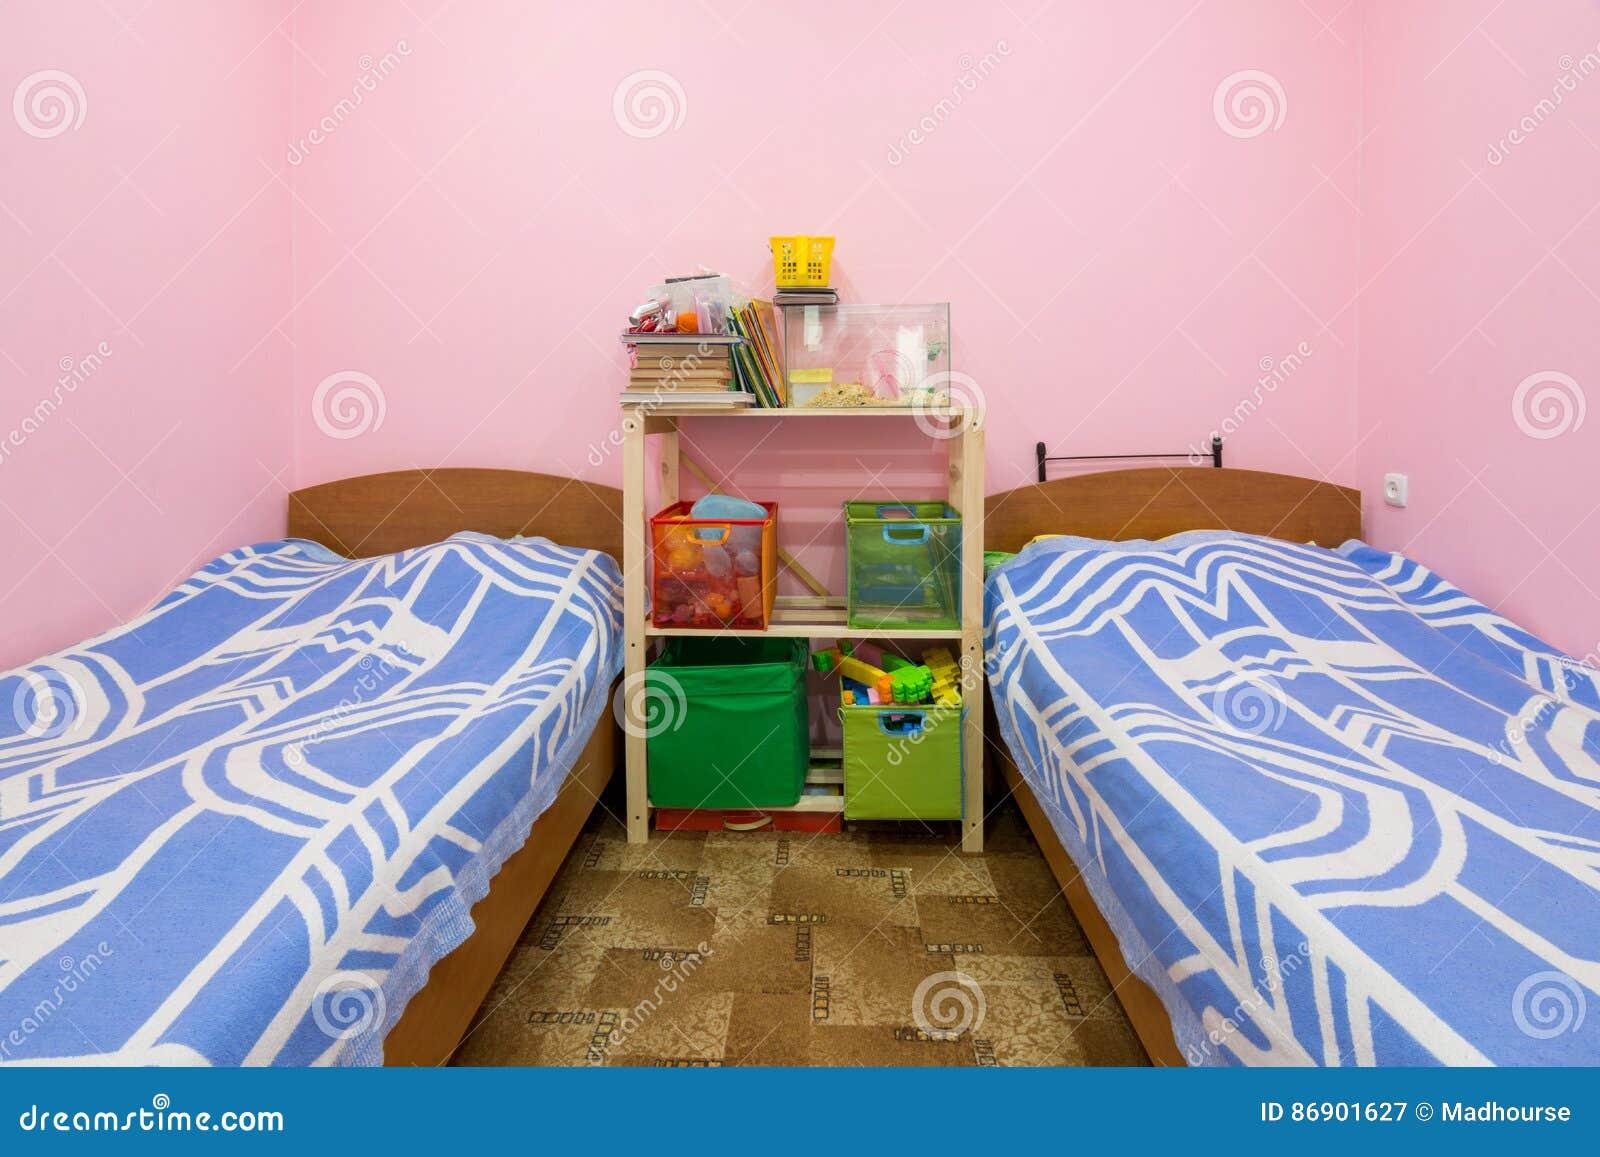 Wnętrze mały dorm pokój z dwa łóżkami i domowej roboty stojak w środku